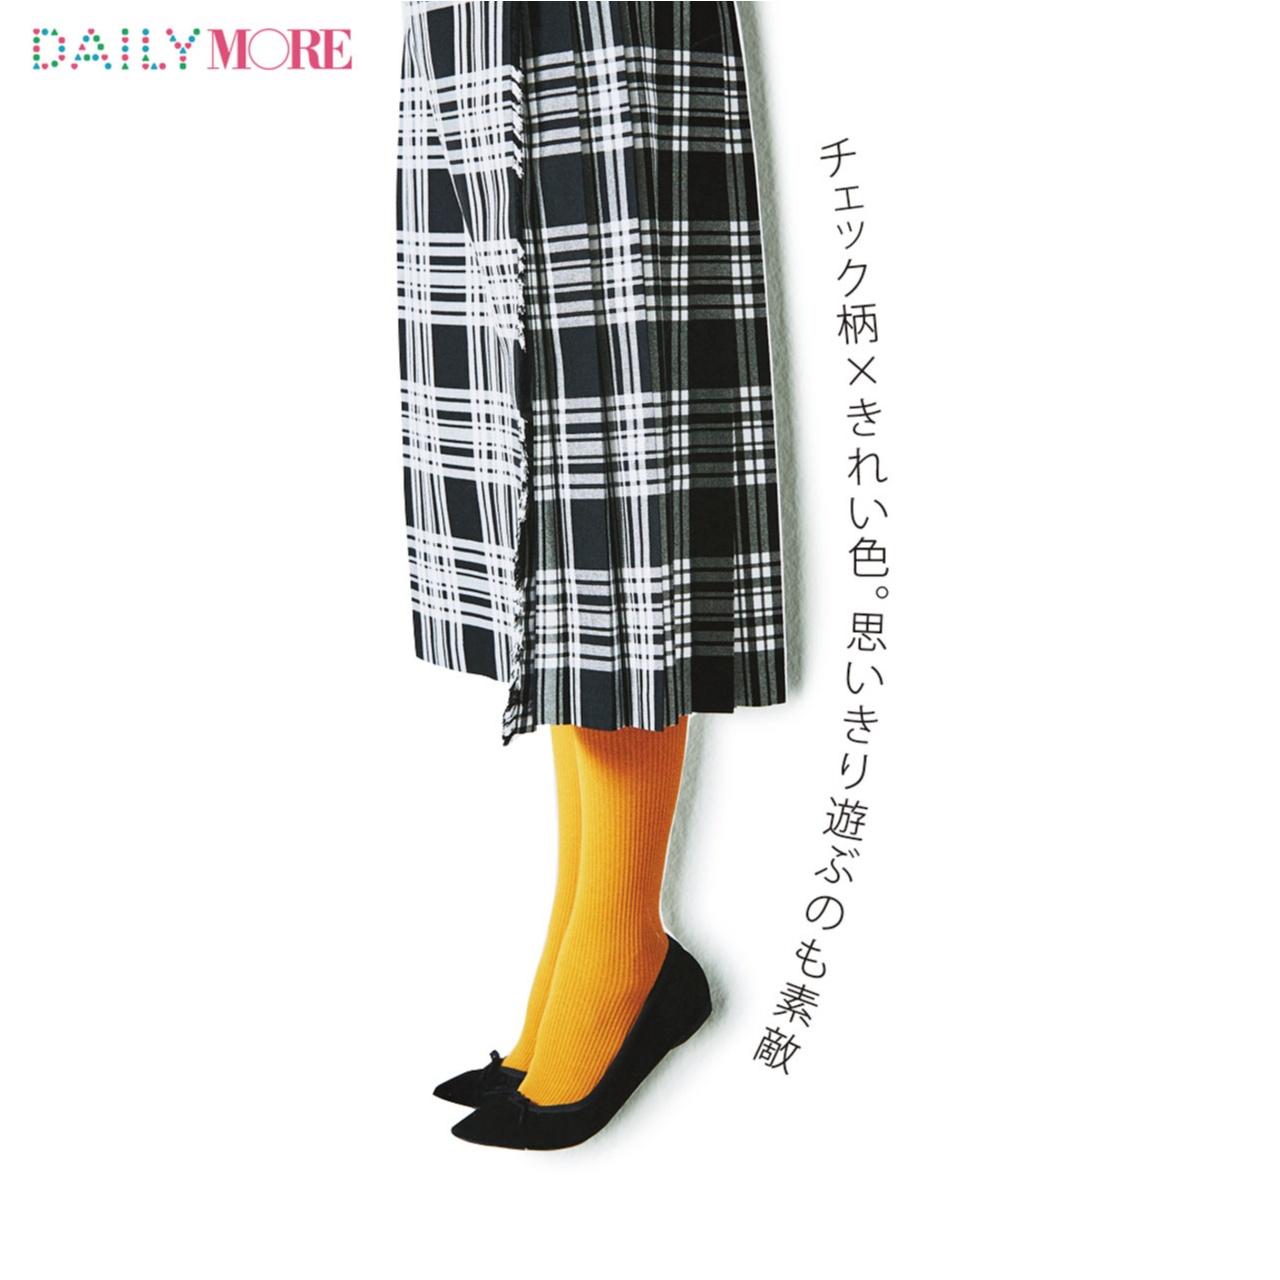 【おしゃれ度がぐっと上がる!】バレエ靴をもっと可愛く履くための足もとテク_3